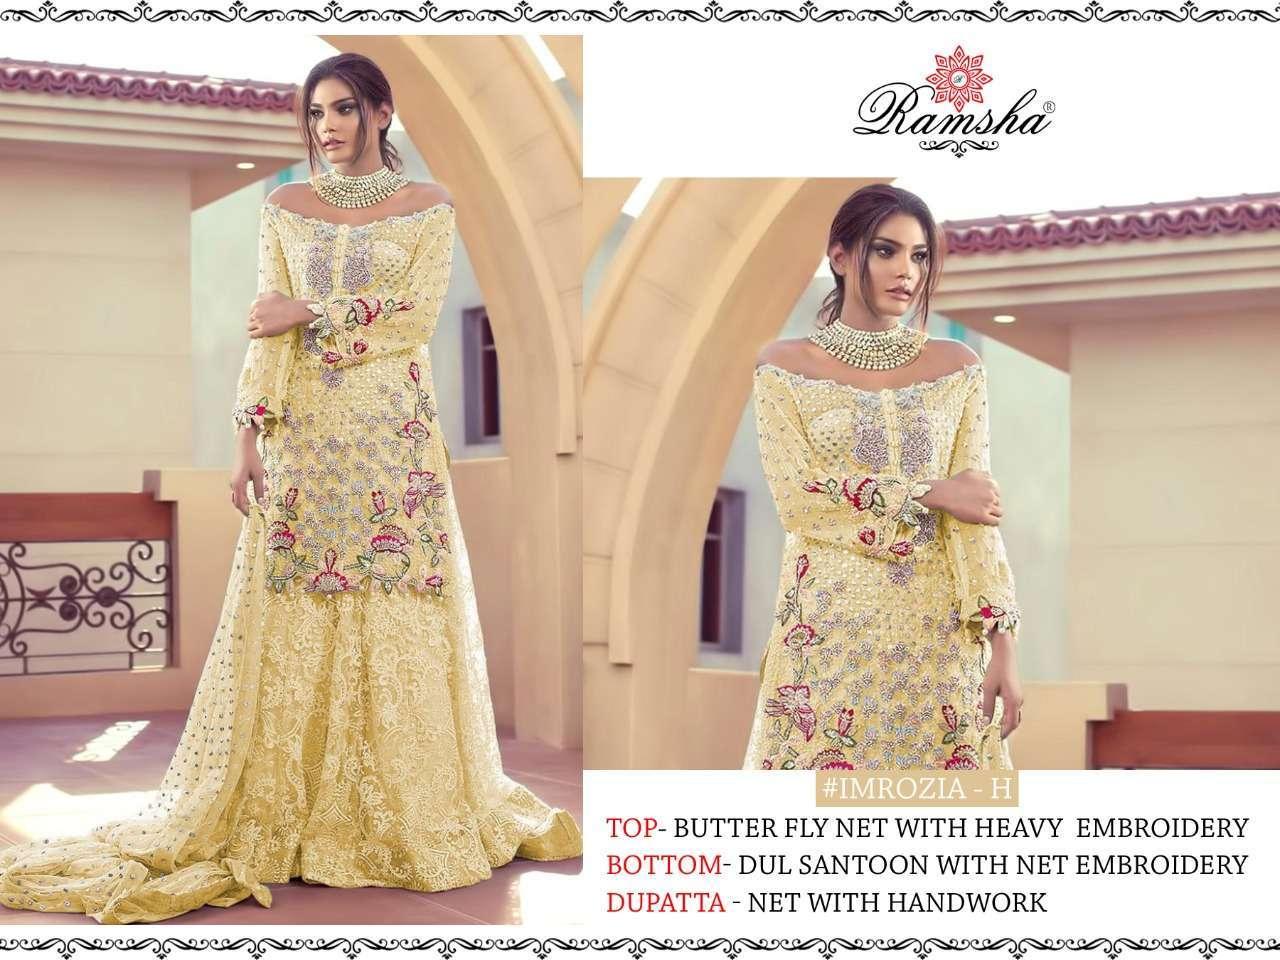 Ramsha Imrozia Nx with embroidery wotk pakisatni suit collection 07